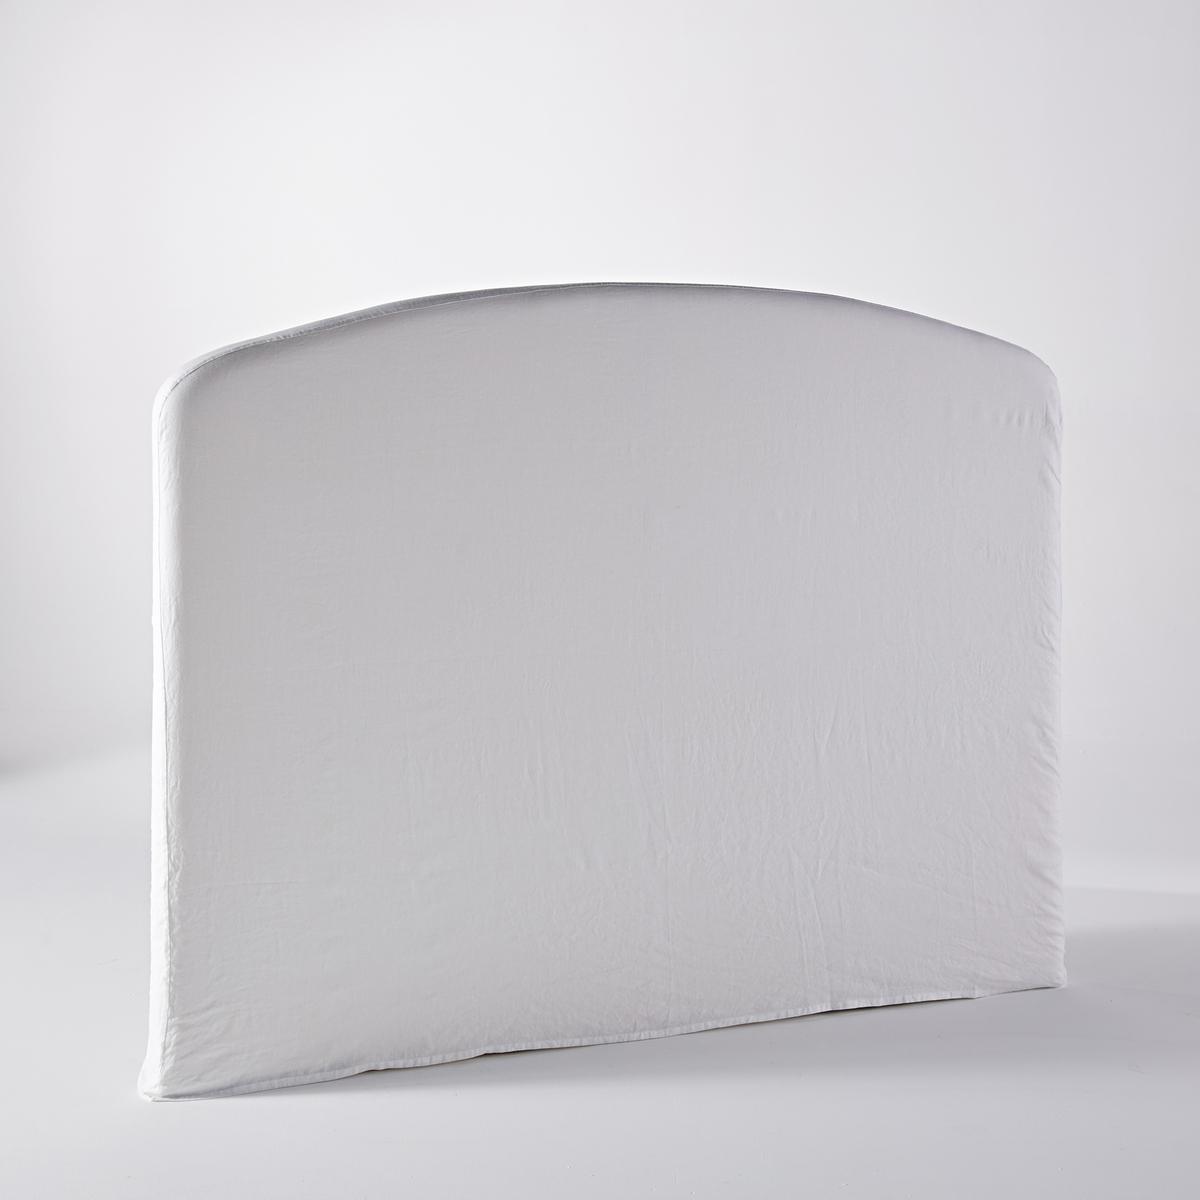 Чехол для изголовья кровати  VincentiusЧехол для изголовья кровати Vincentius, специально для изголовья кровати Vincentius, представленного на нашем сайте. Отделка плоским воланом, как на оригинальной и комфортной наволочке.Материал :- Из 100% плотного льна- Отделка плоским воланом 7,5 см- Сочетается с ящиком для хранения белья LIN?O, представленным на нашем сайте.Размеры :- 180 x 140 см<br><br>Цвет: белый,светло-синий